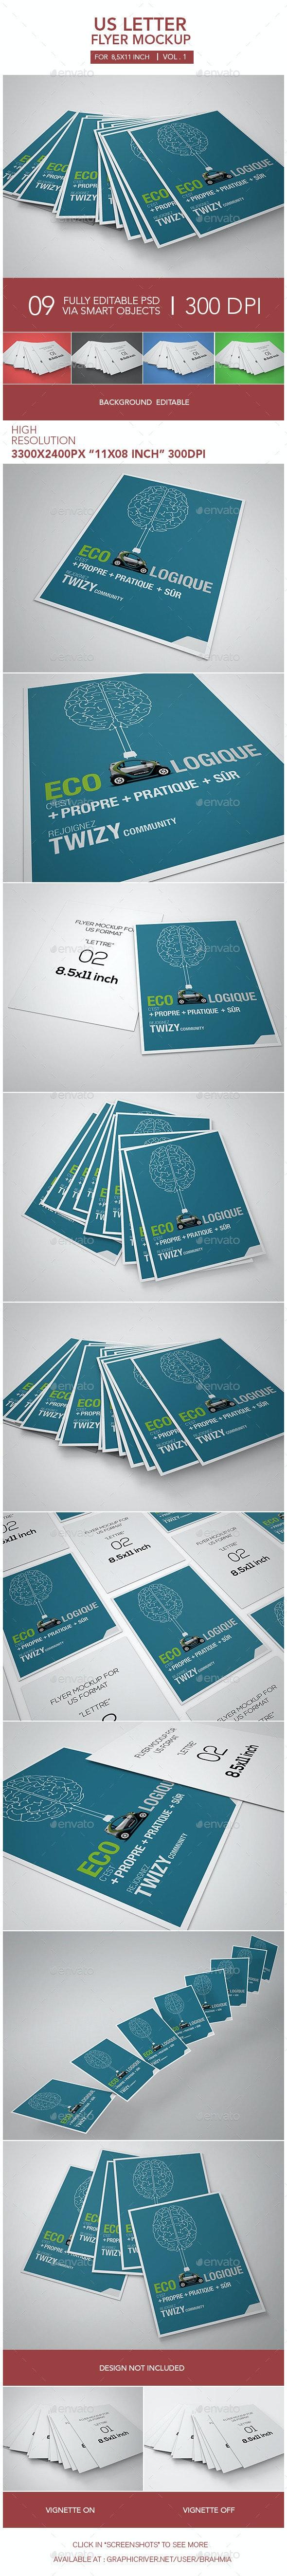 Us Letter Flyer Mockup - Flyers Print